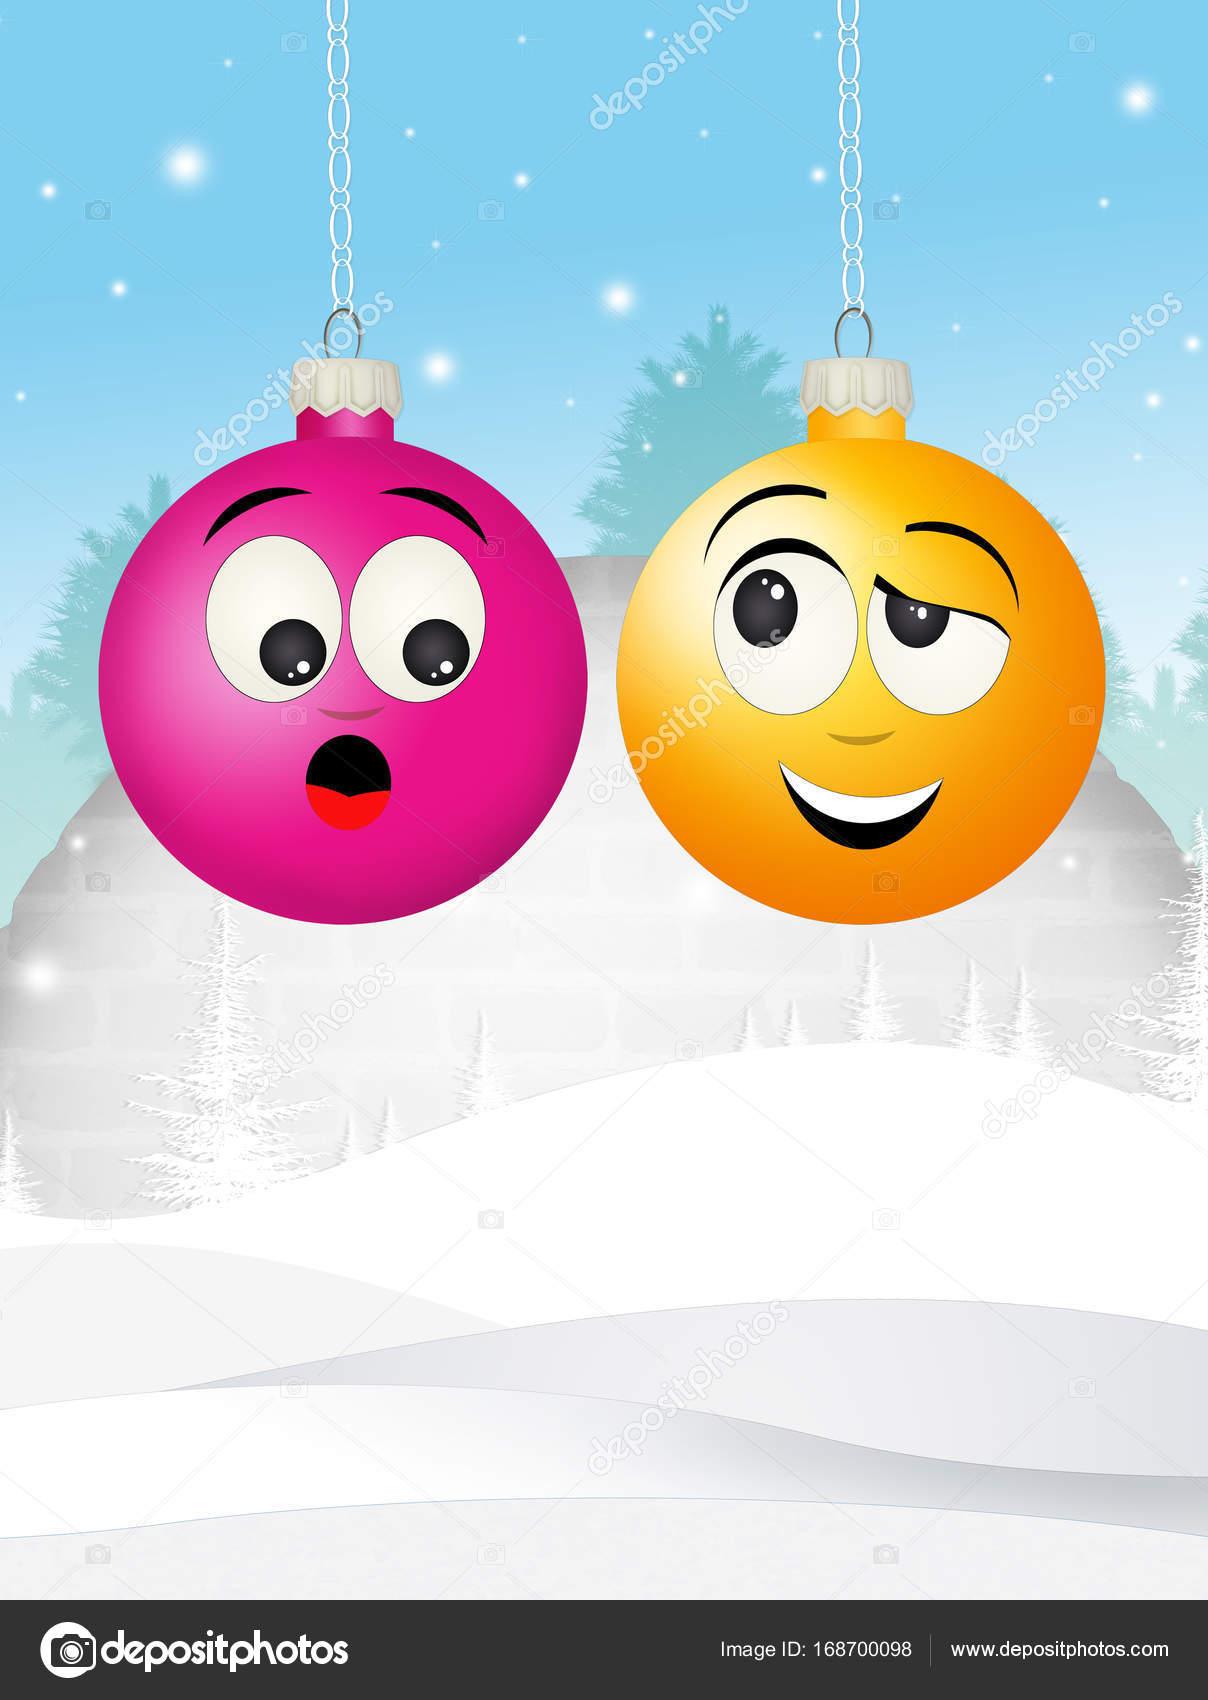 Lustige Weihnachtskugeln.Lustige Weihnachtskugel Stockfoto Adrenalina 168700098